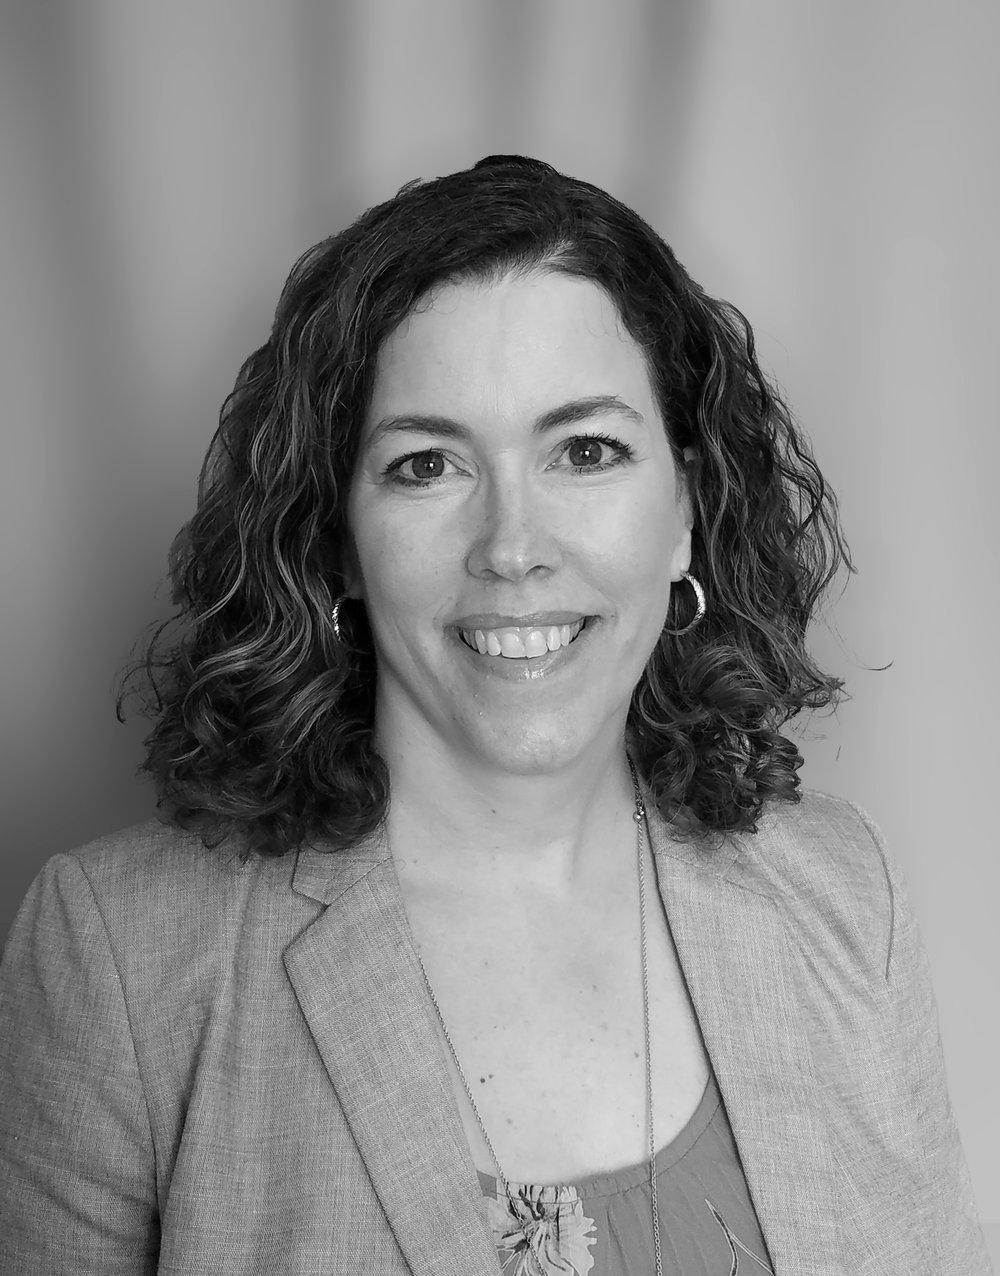 Jeanne Blachowicz - Director of Sales